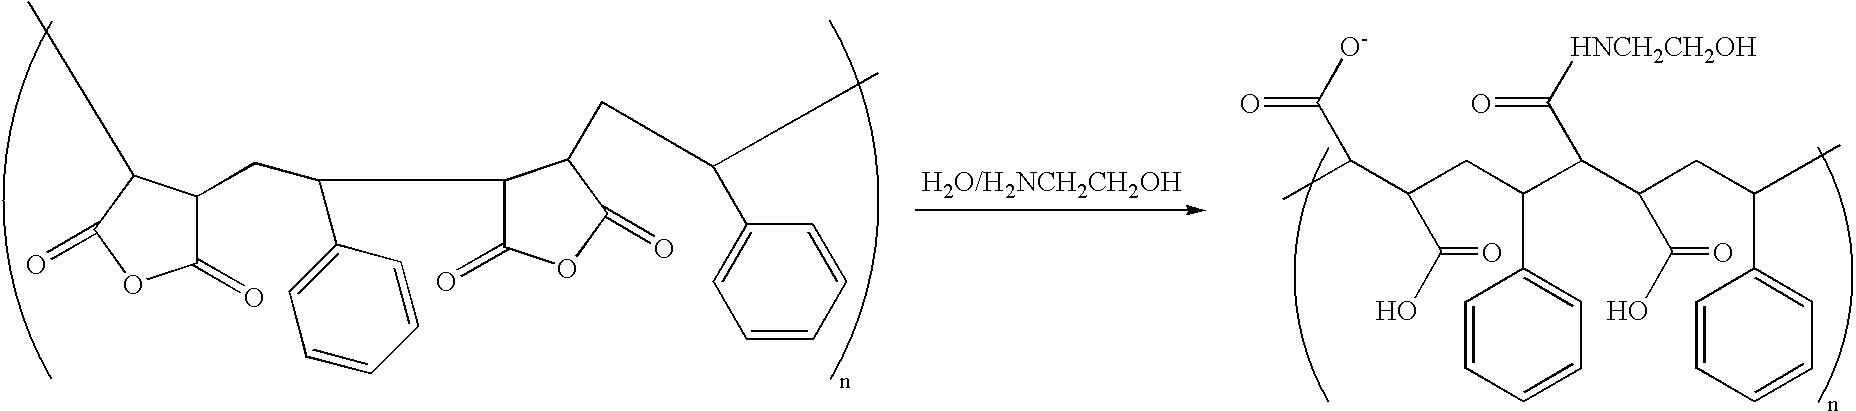 Figure US20060057209A1-20060316-C00043